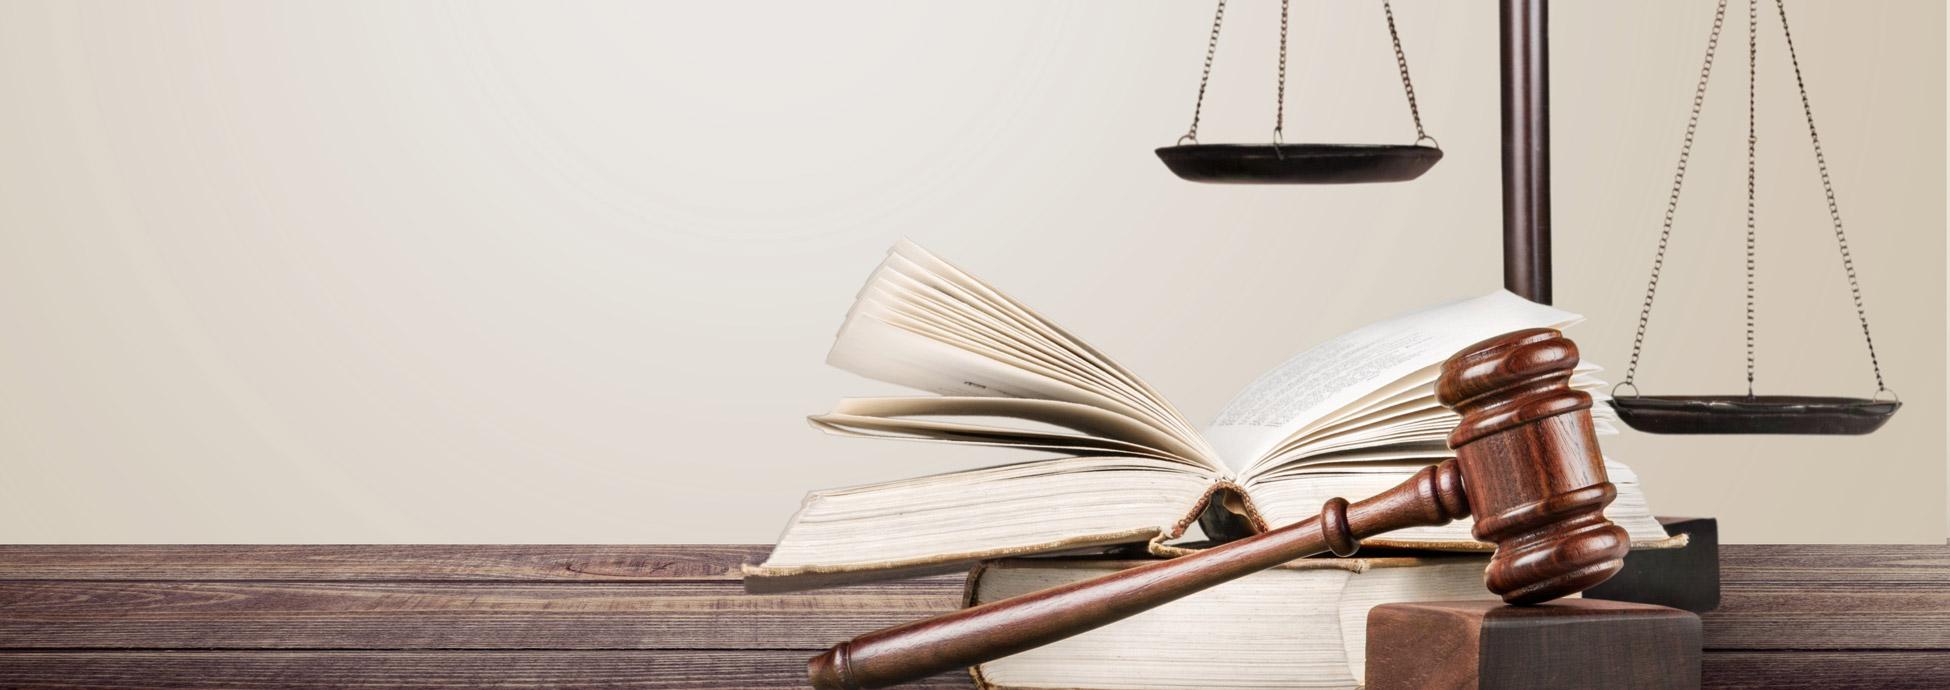 Allgemeine Geschäftsbedingungen, Einkaufsbedingungen und Datenschutz